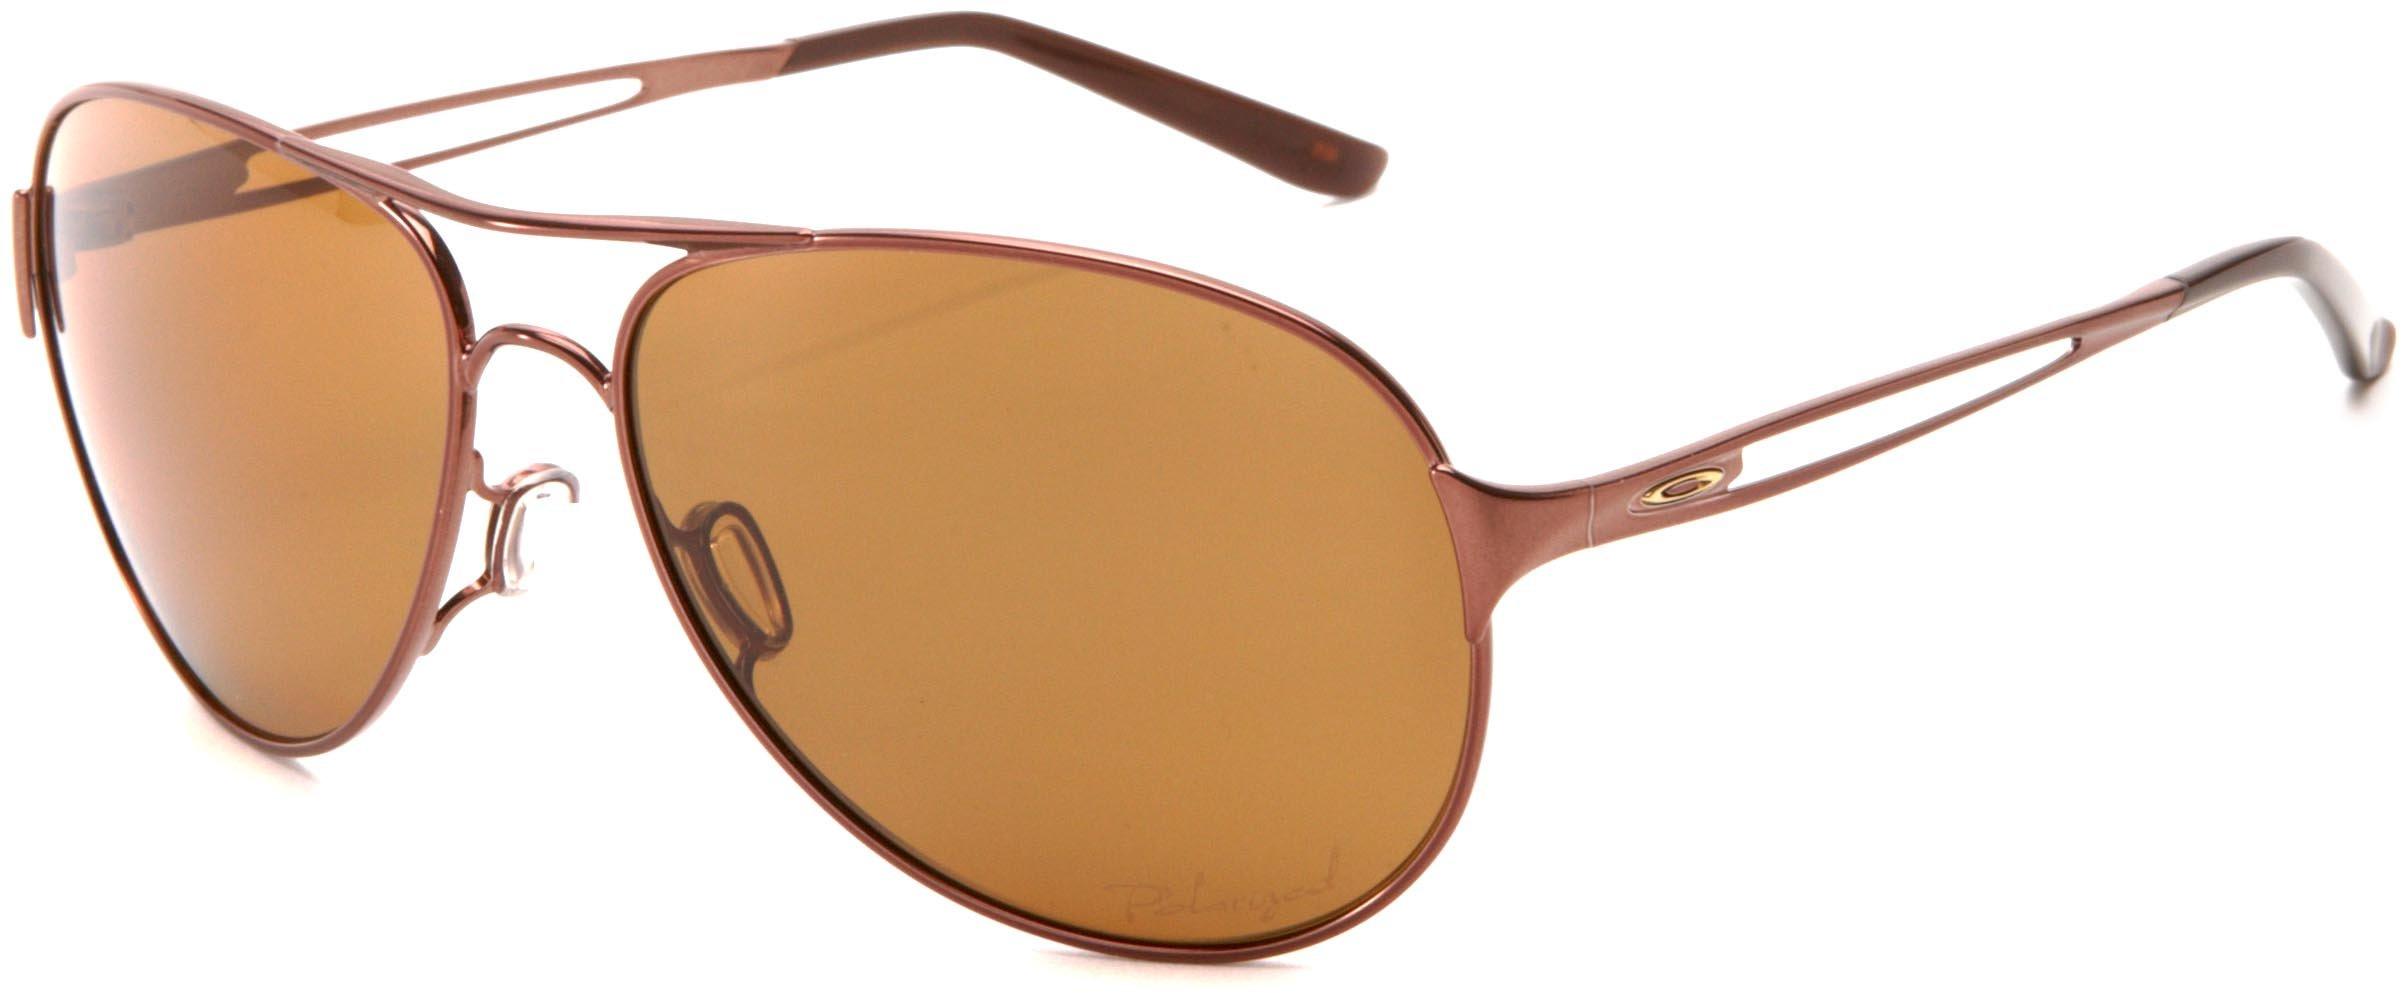 Oakley Women's OO4054 Caveat Aviator Metal Sunglasses, Brunette/Bronze Polarized, 60 mm by Oakley